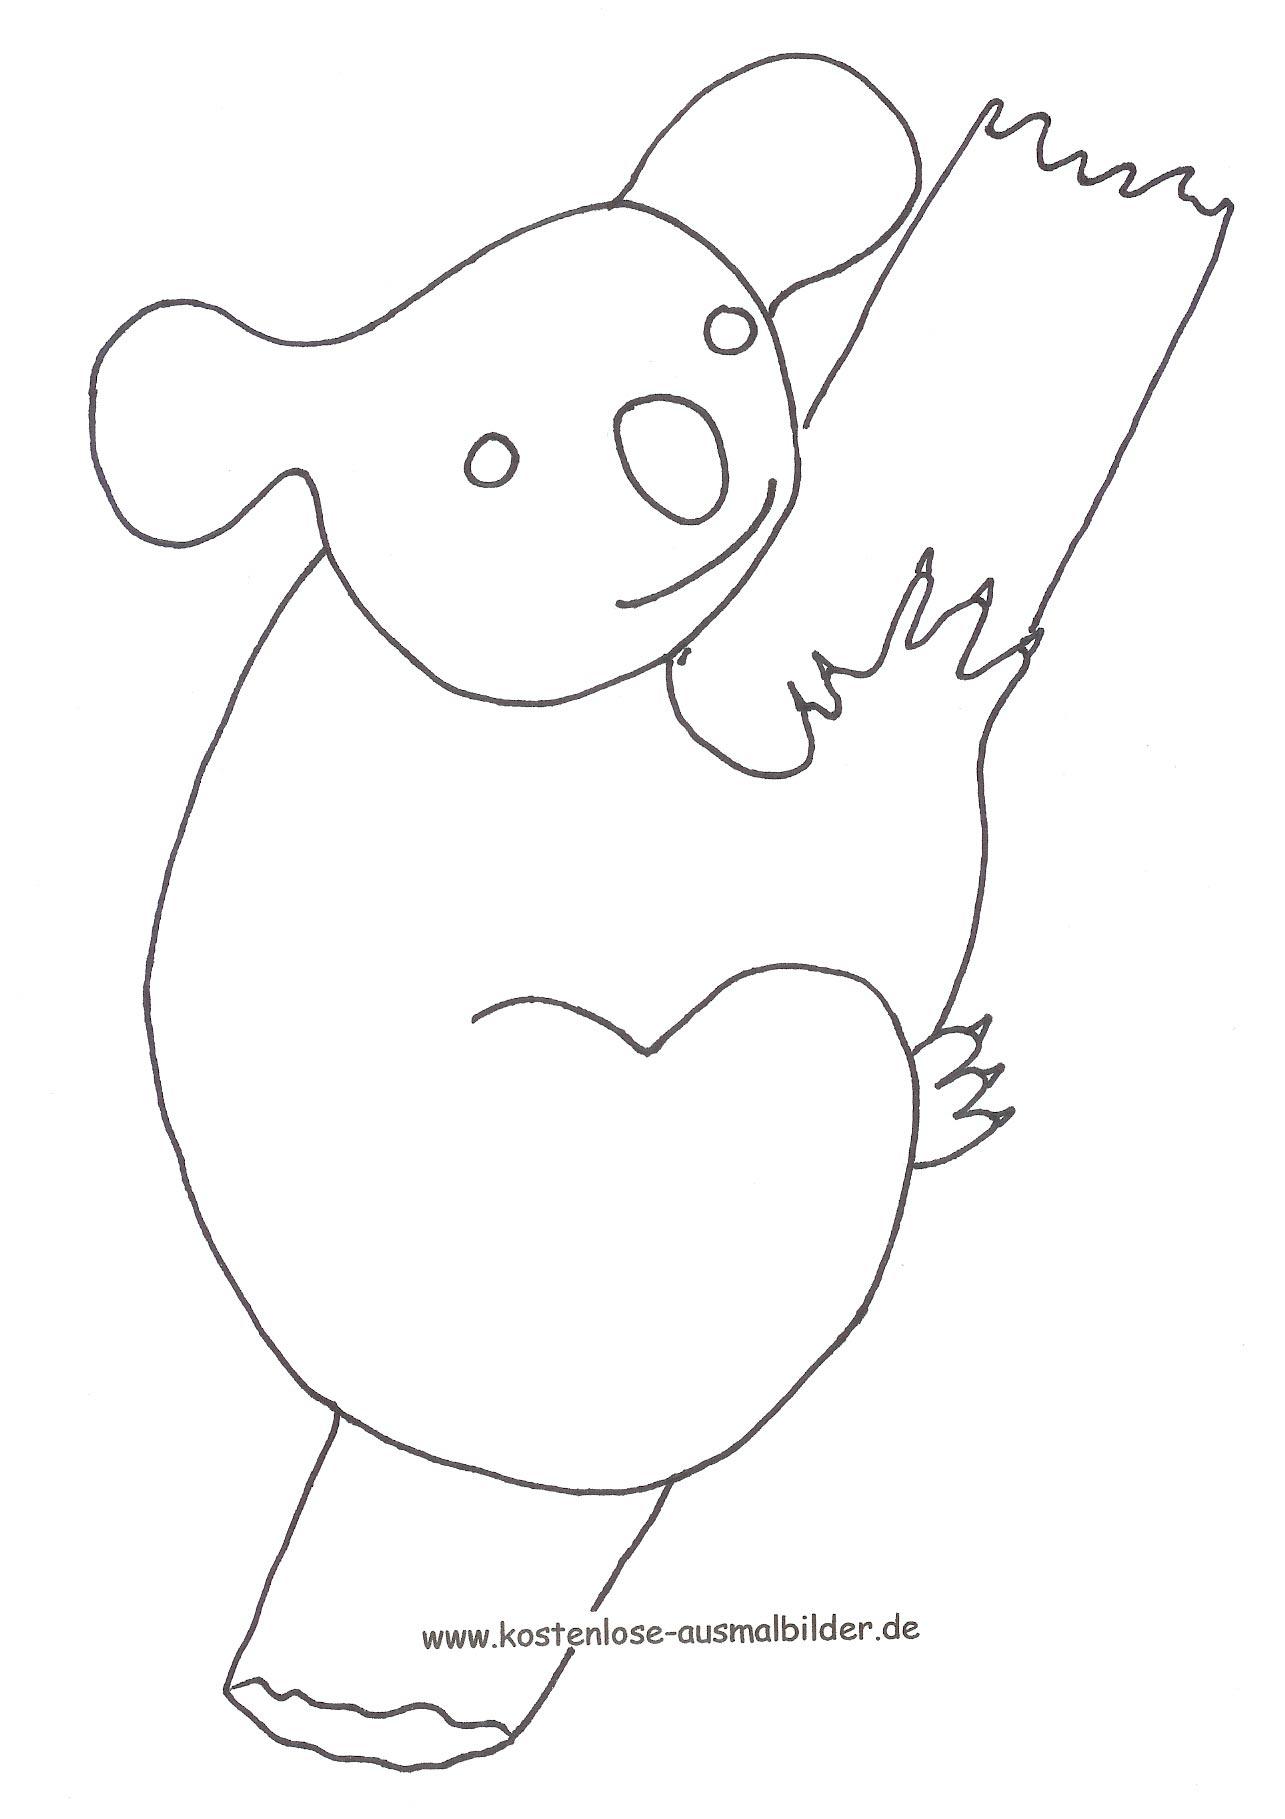 Malvorlagen - Ausmalbilder Koala | Ausmalbilder in Malvorlage Koala